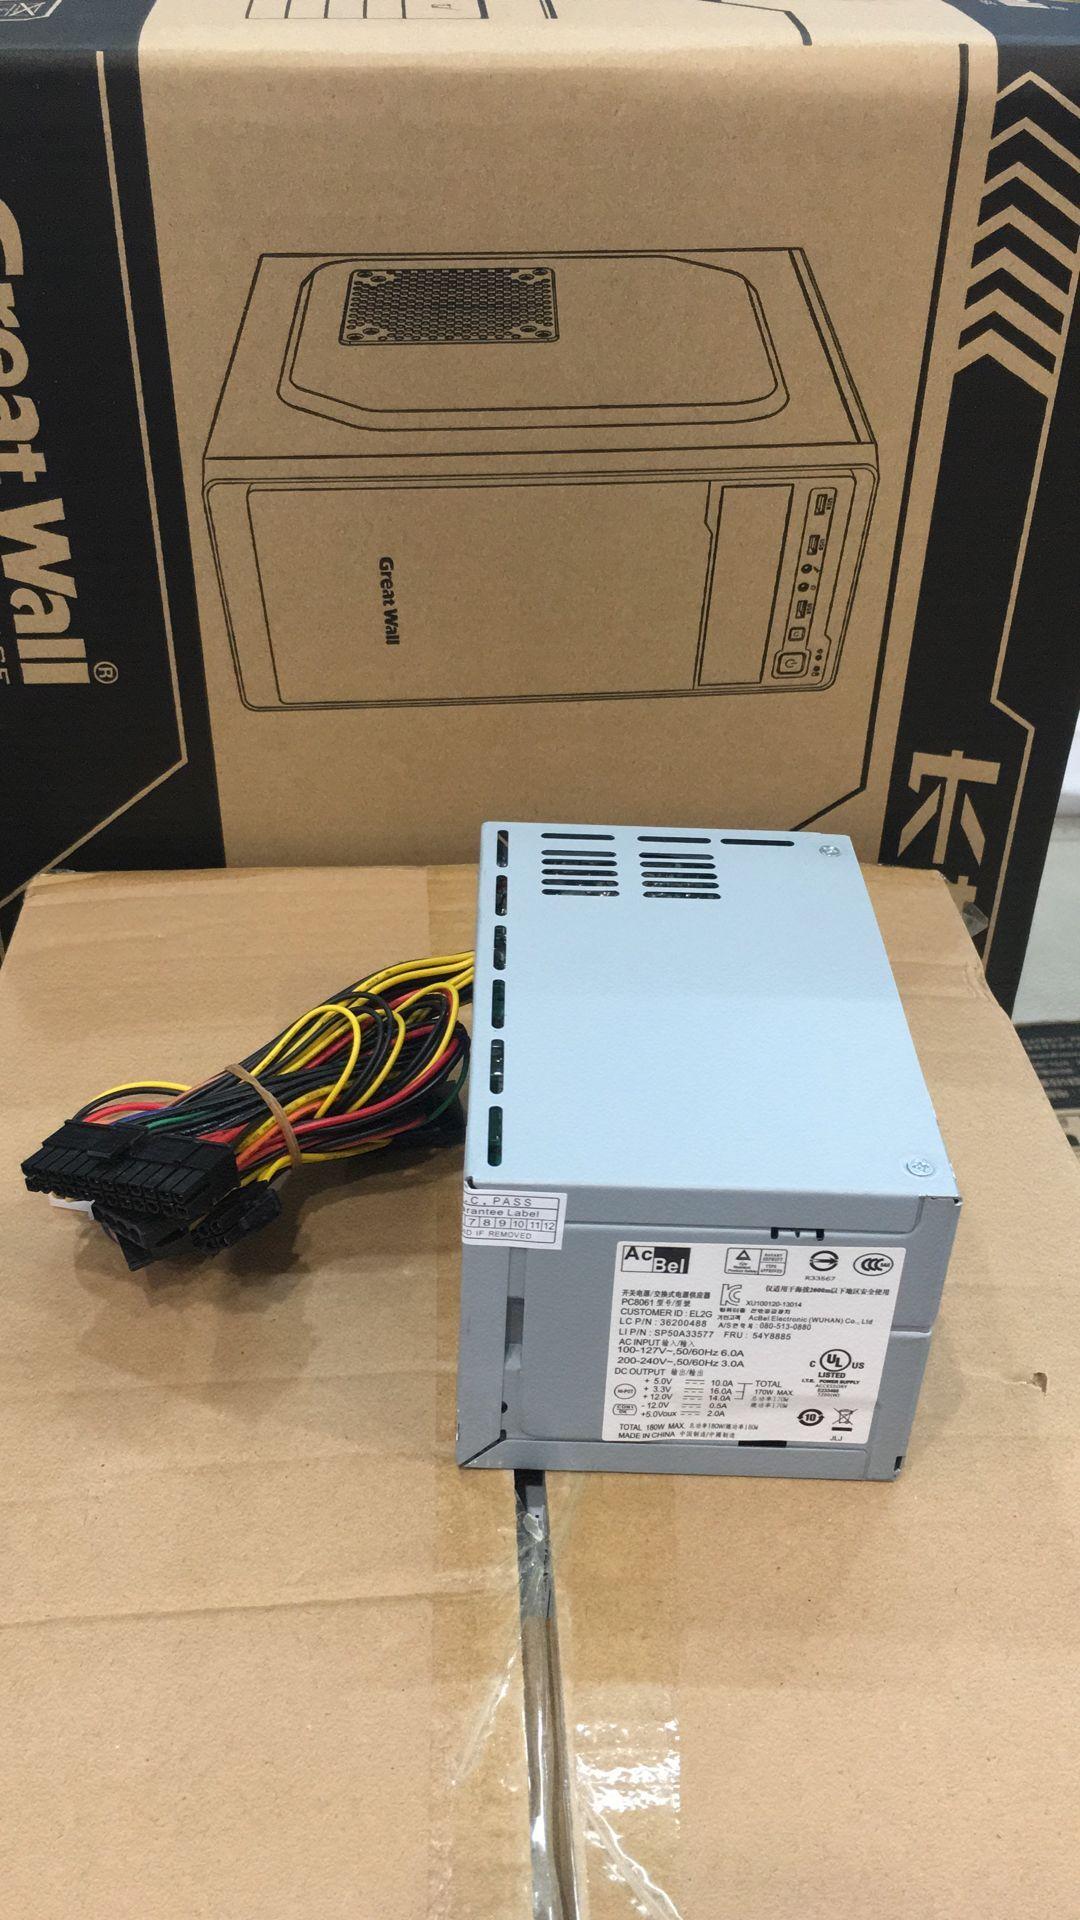 联想电源台式机HK280-22GP API6PC06ps-5181-8DPS-180KB-10小电源